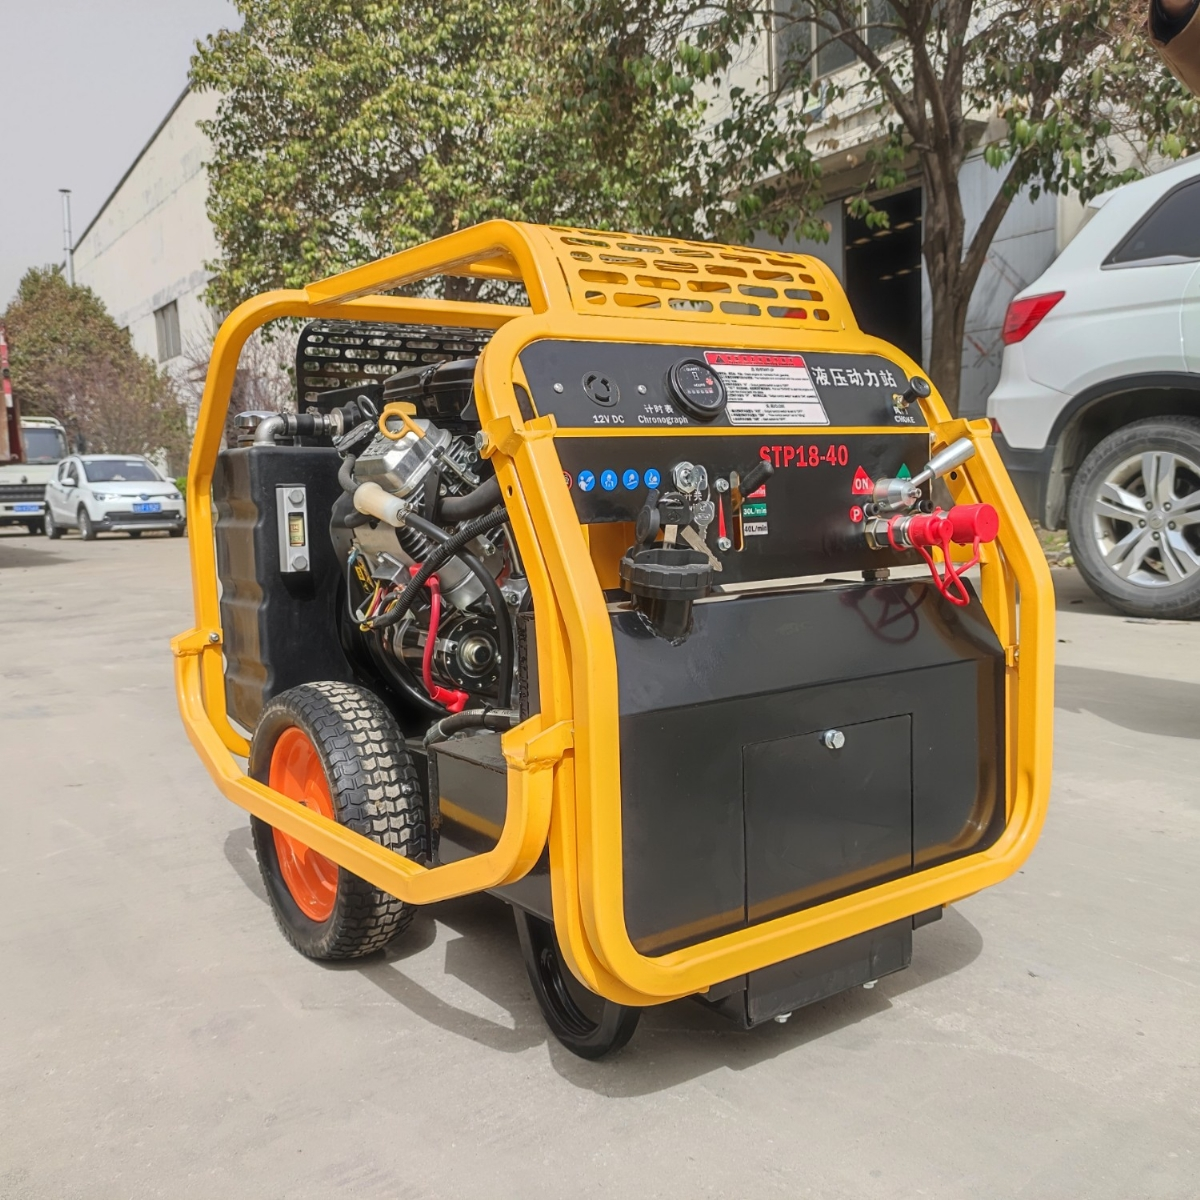 液压动力站所使用的发动机的维护保养